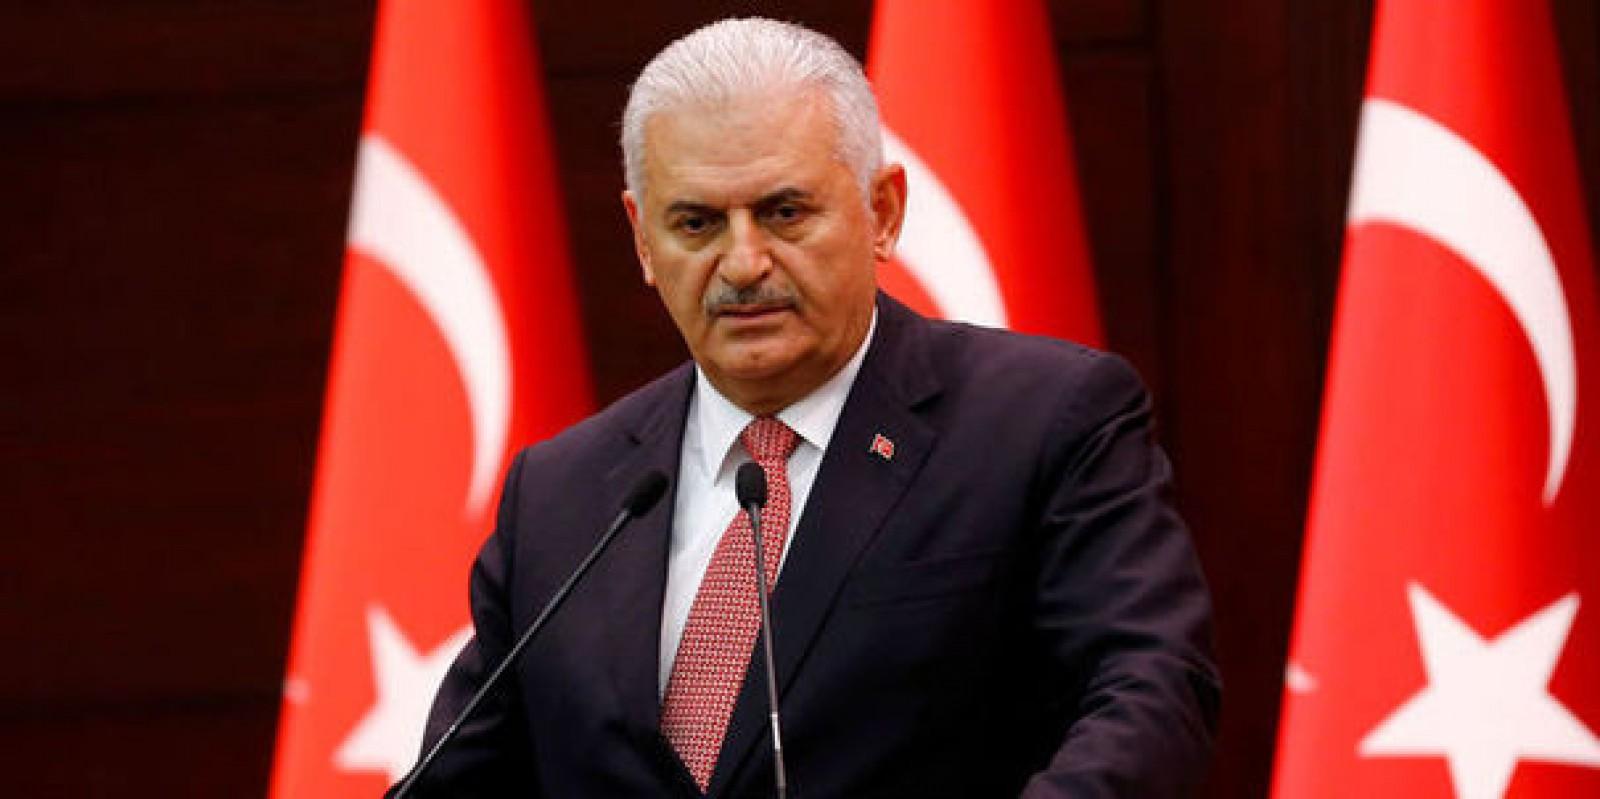 """Turcia îndeamnă ţările musulmane să reanalizeze relaţiile cu Israelul, denunţând un """"masacru"""""""